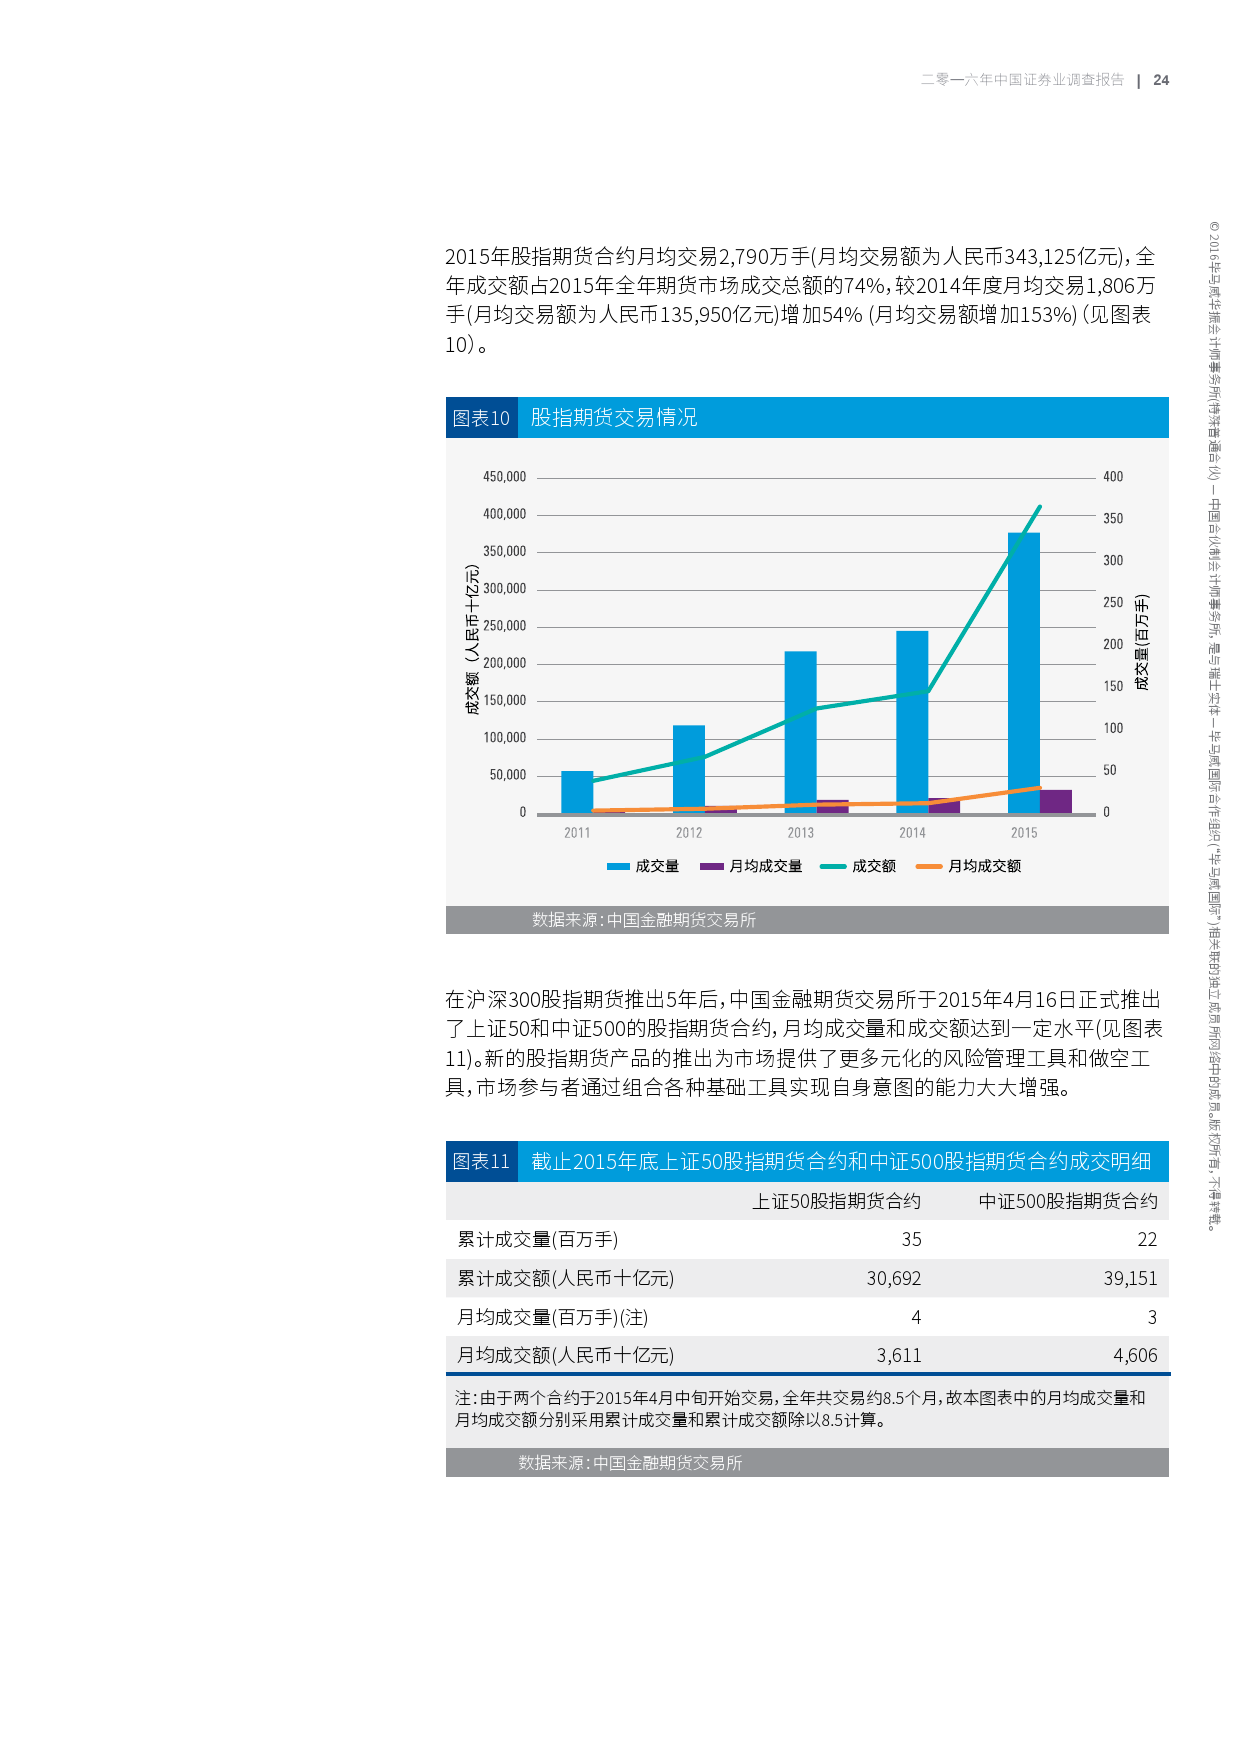 2016年中国证券业调查报告_000027